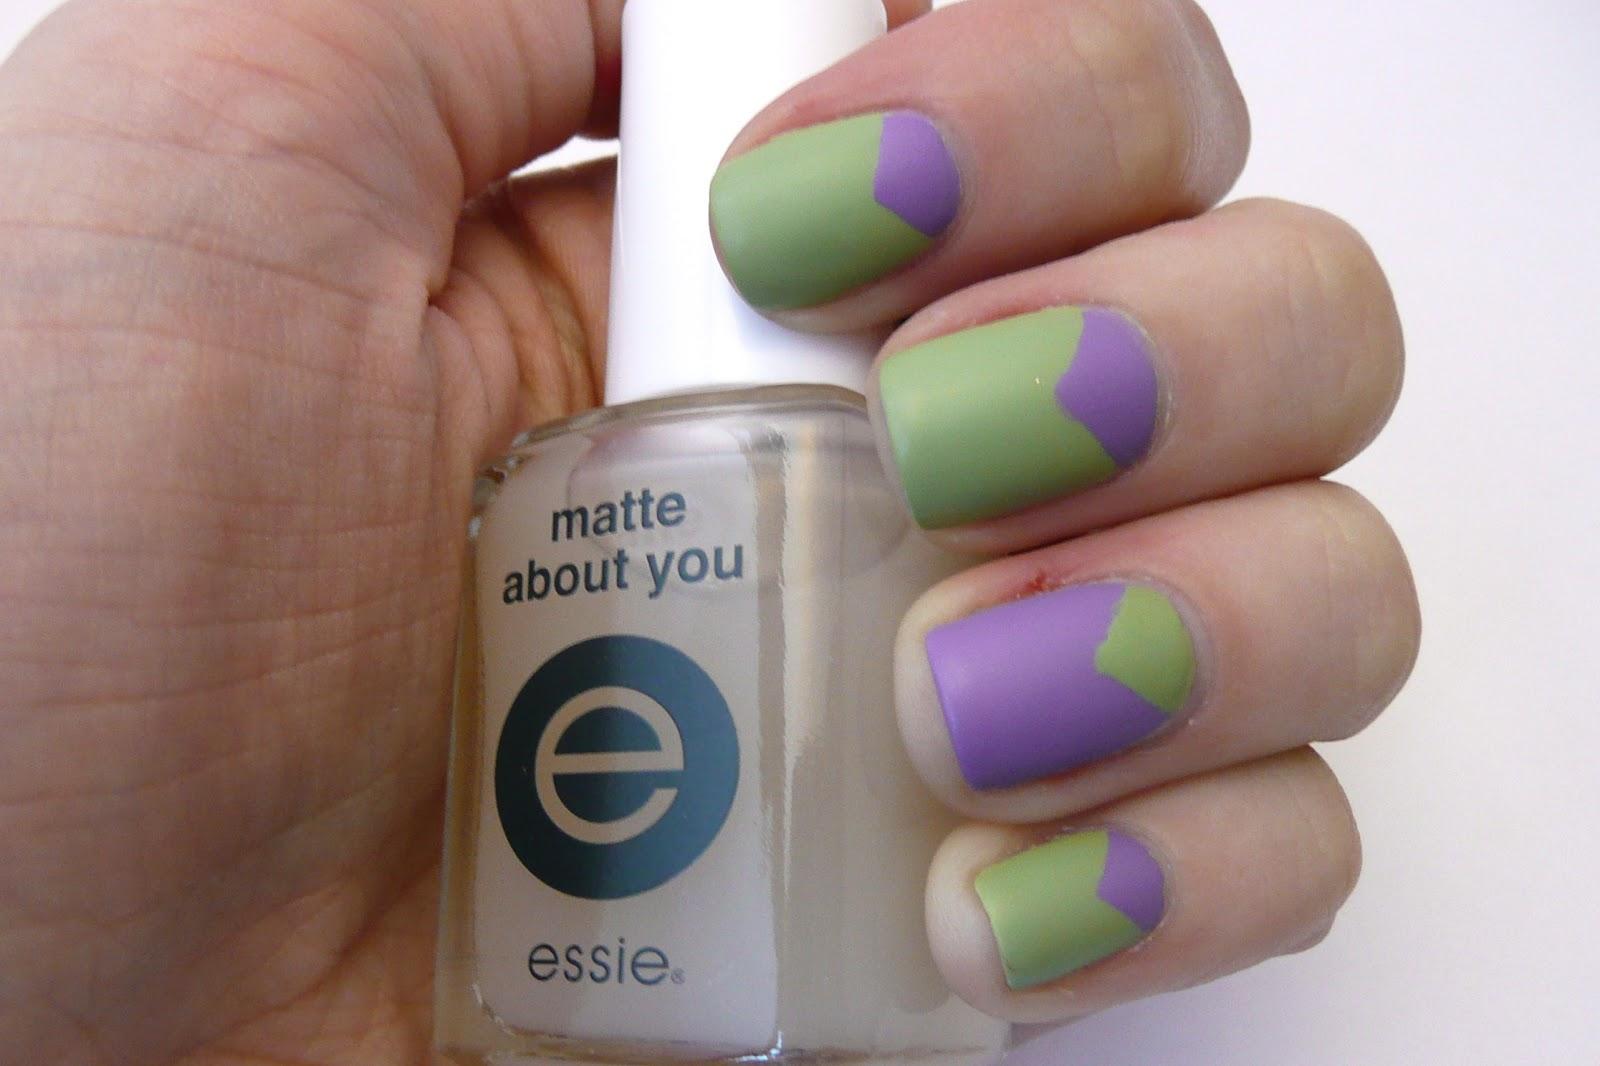 Casa de Polish: Review: Essie Matte About You Top Coat